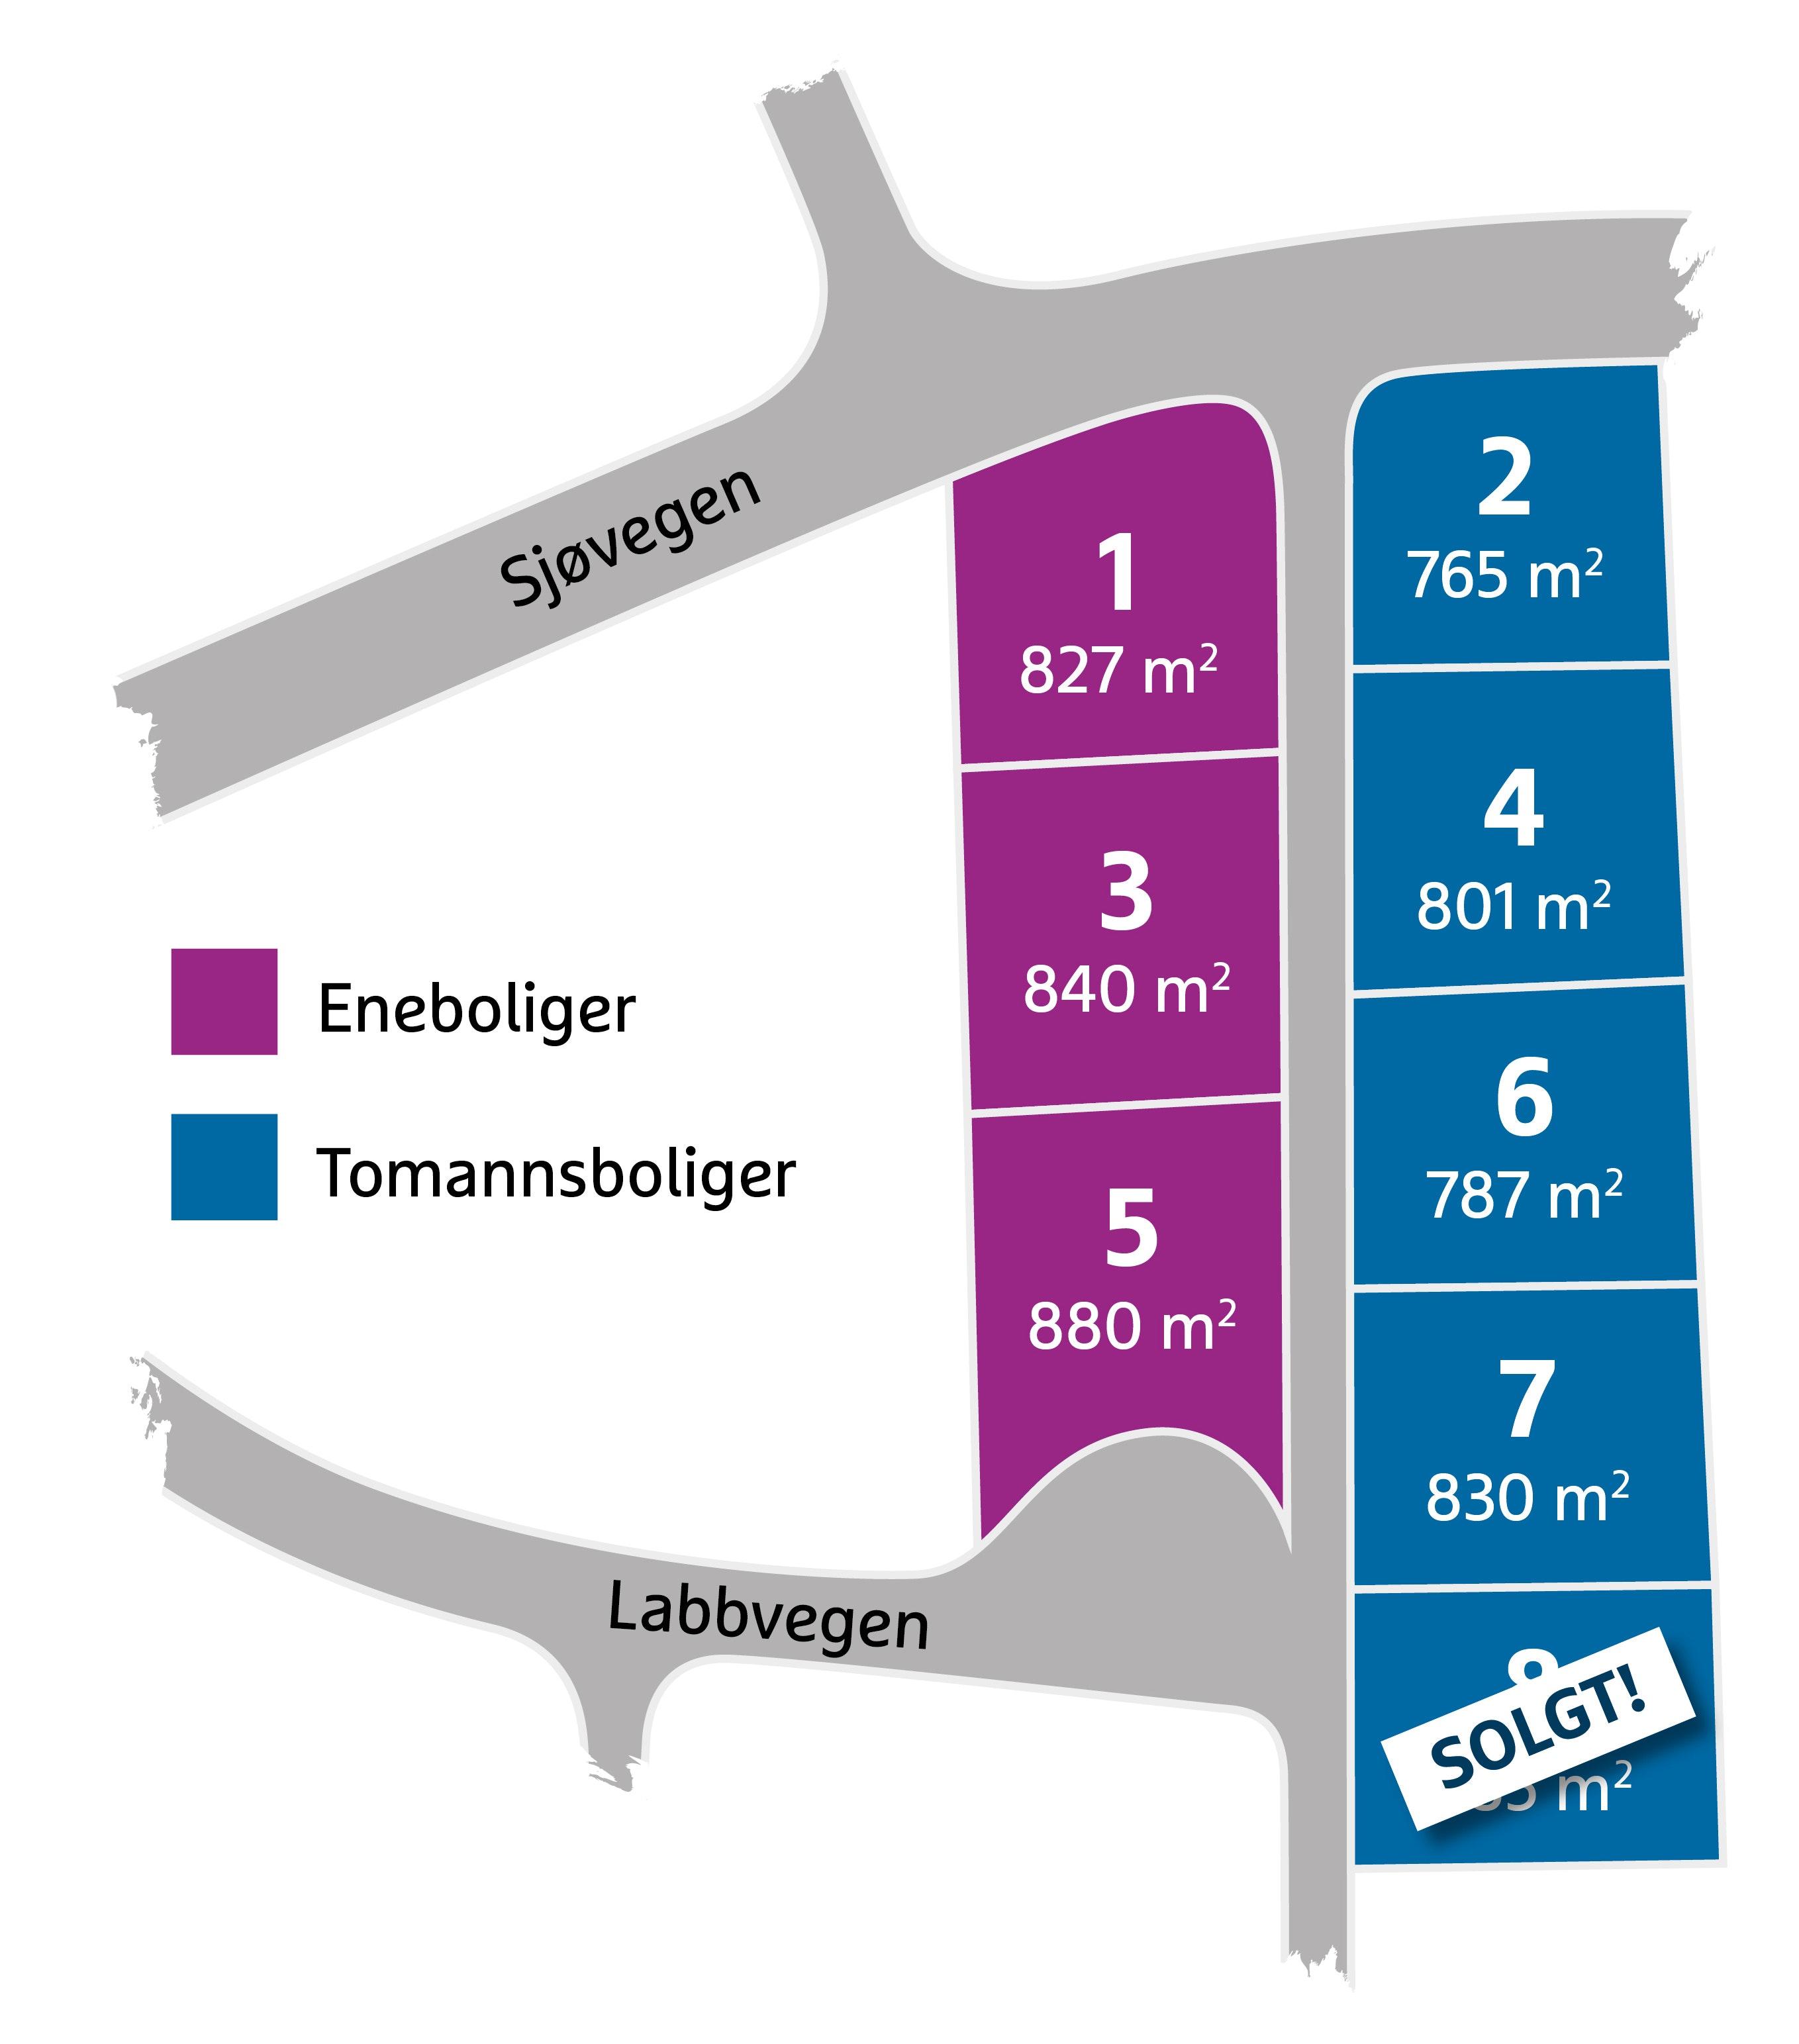 Tomter til salgs i Stange kommune - 3 flotte byggeklare tomter i landlige omgivelser i Åsbygda.